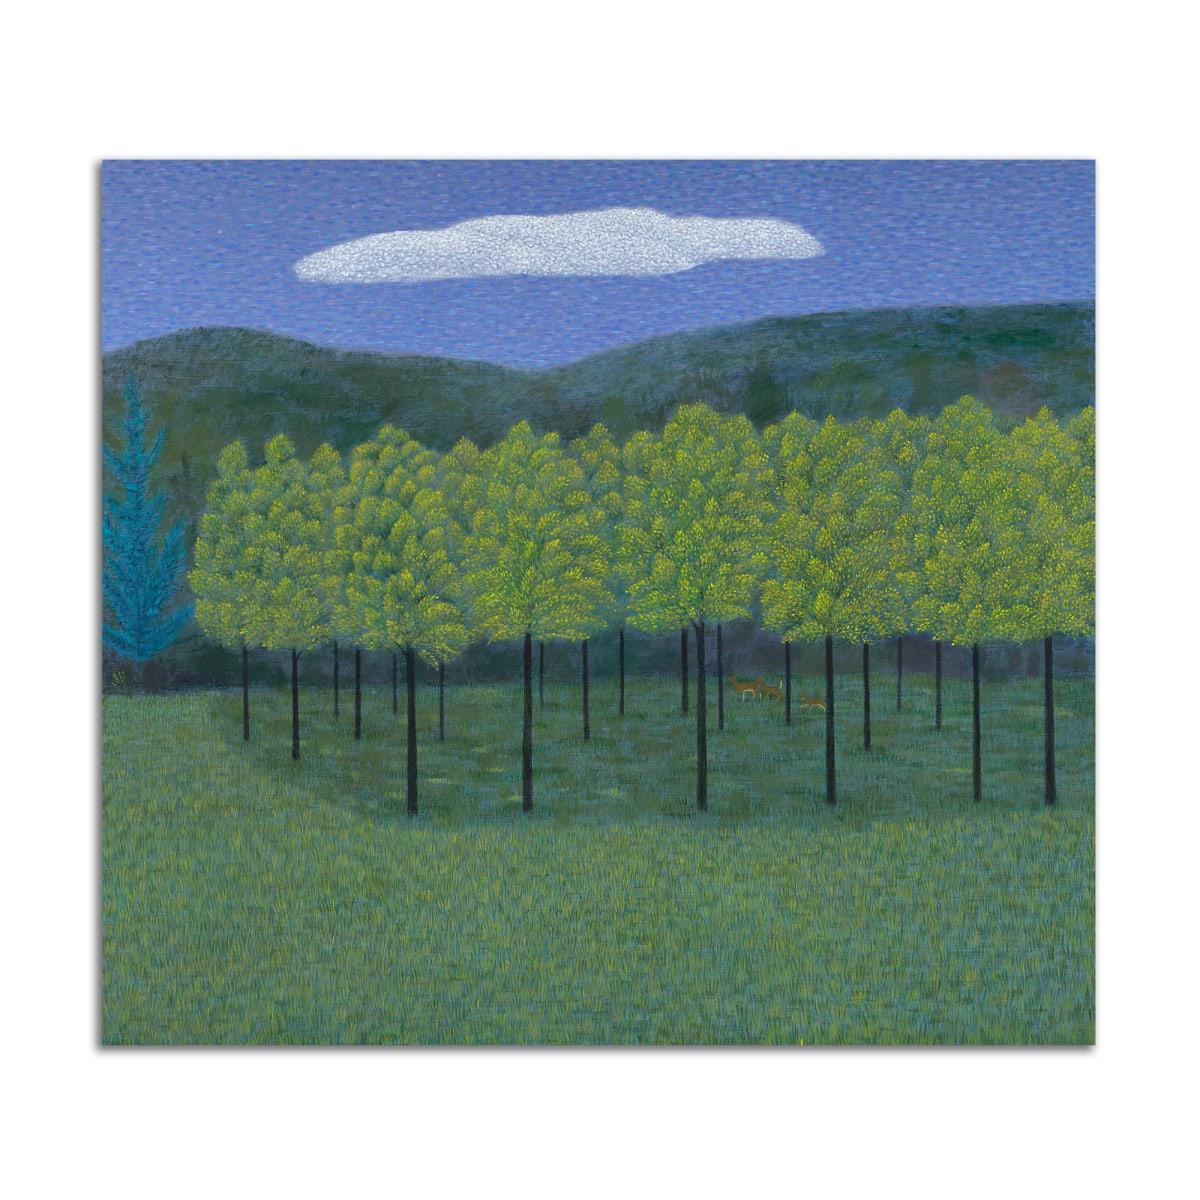 Walnut Field with Deer by Jane Troup